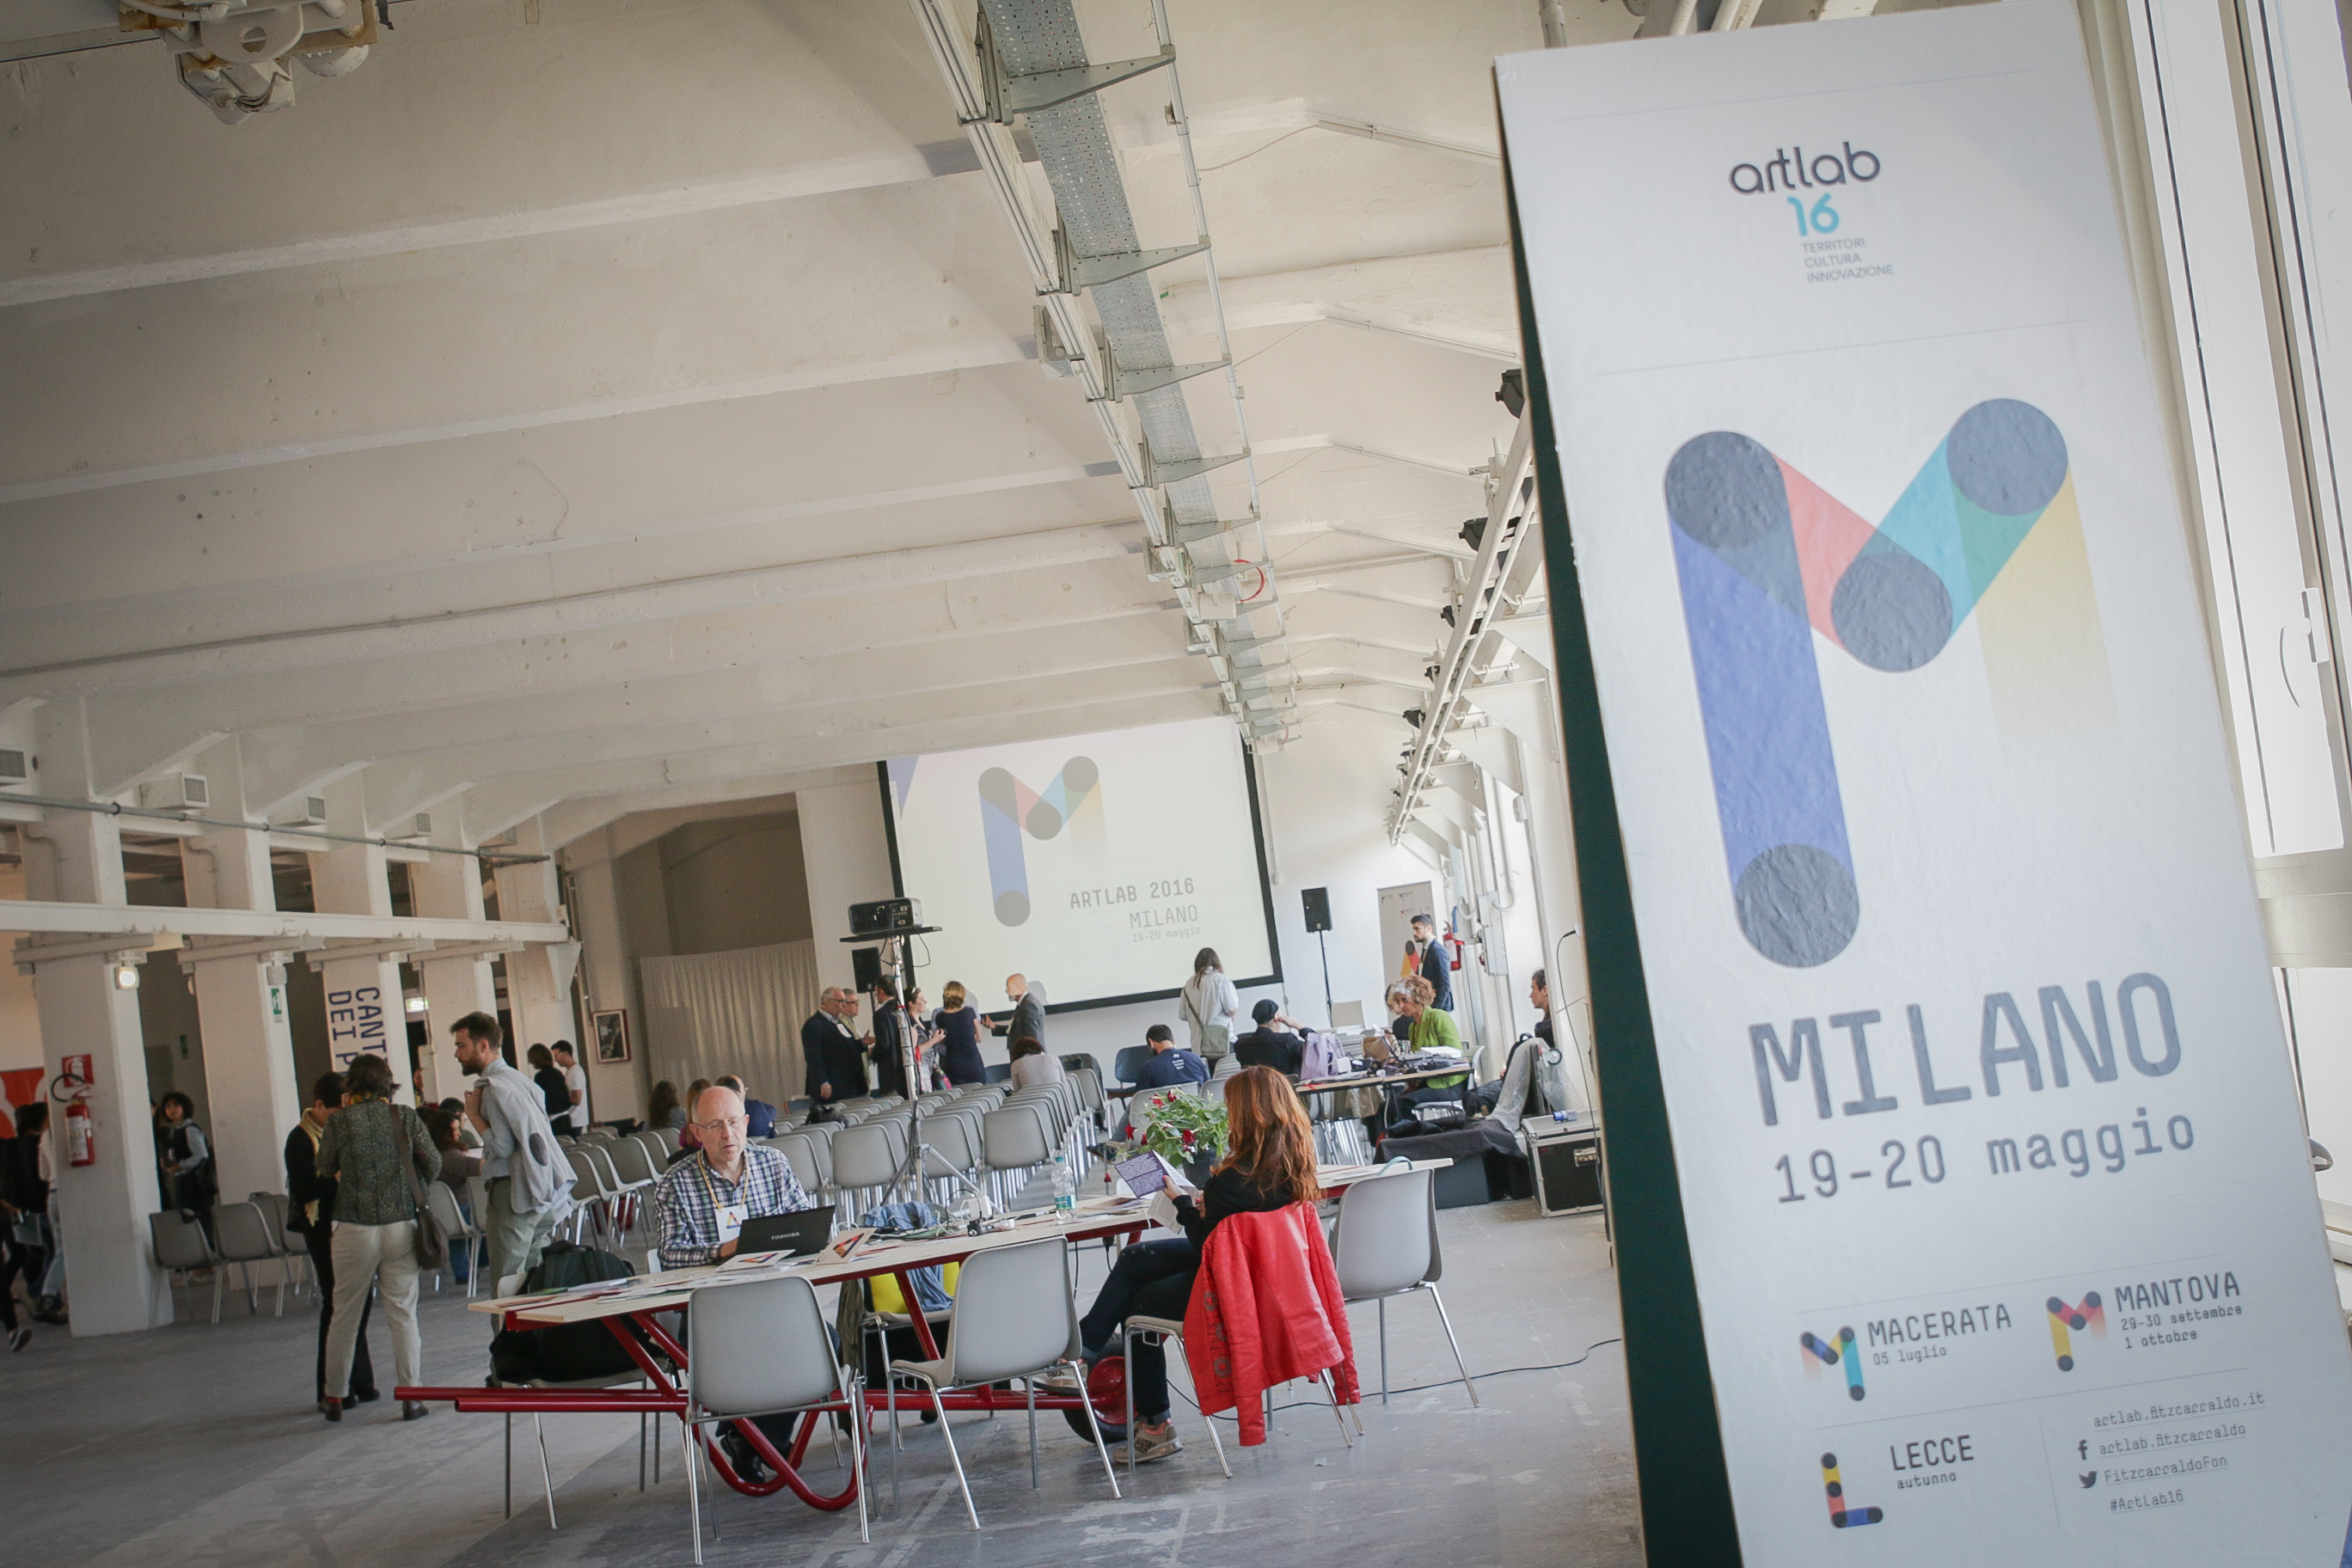 Imprese culturali e creative a confronto: parte da Milano l'undicesima edizione di ArtLab 16